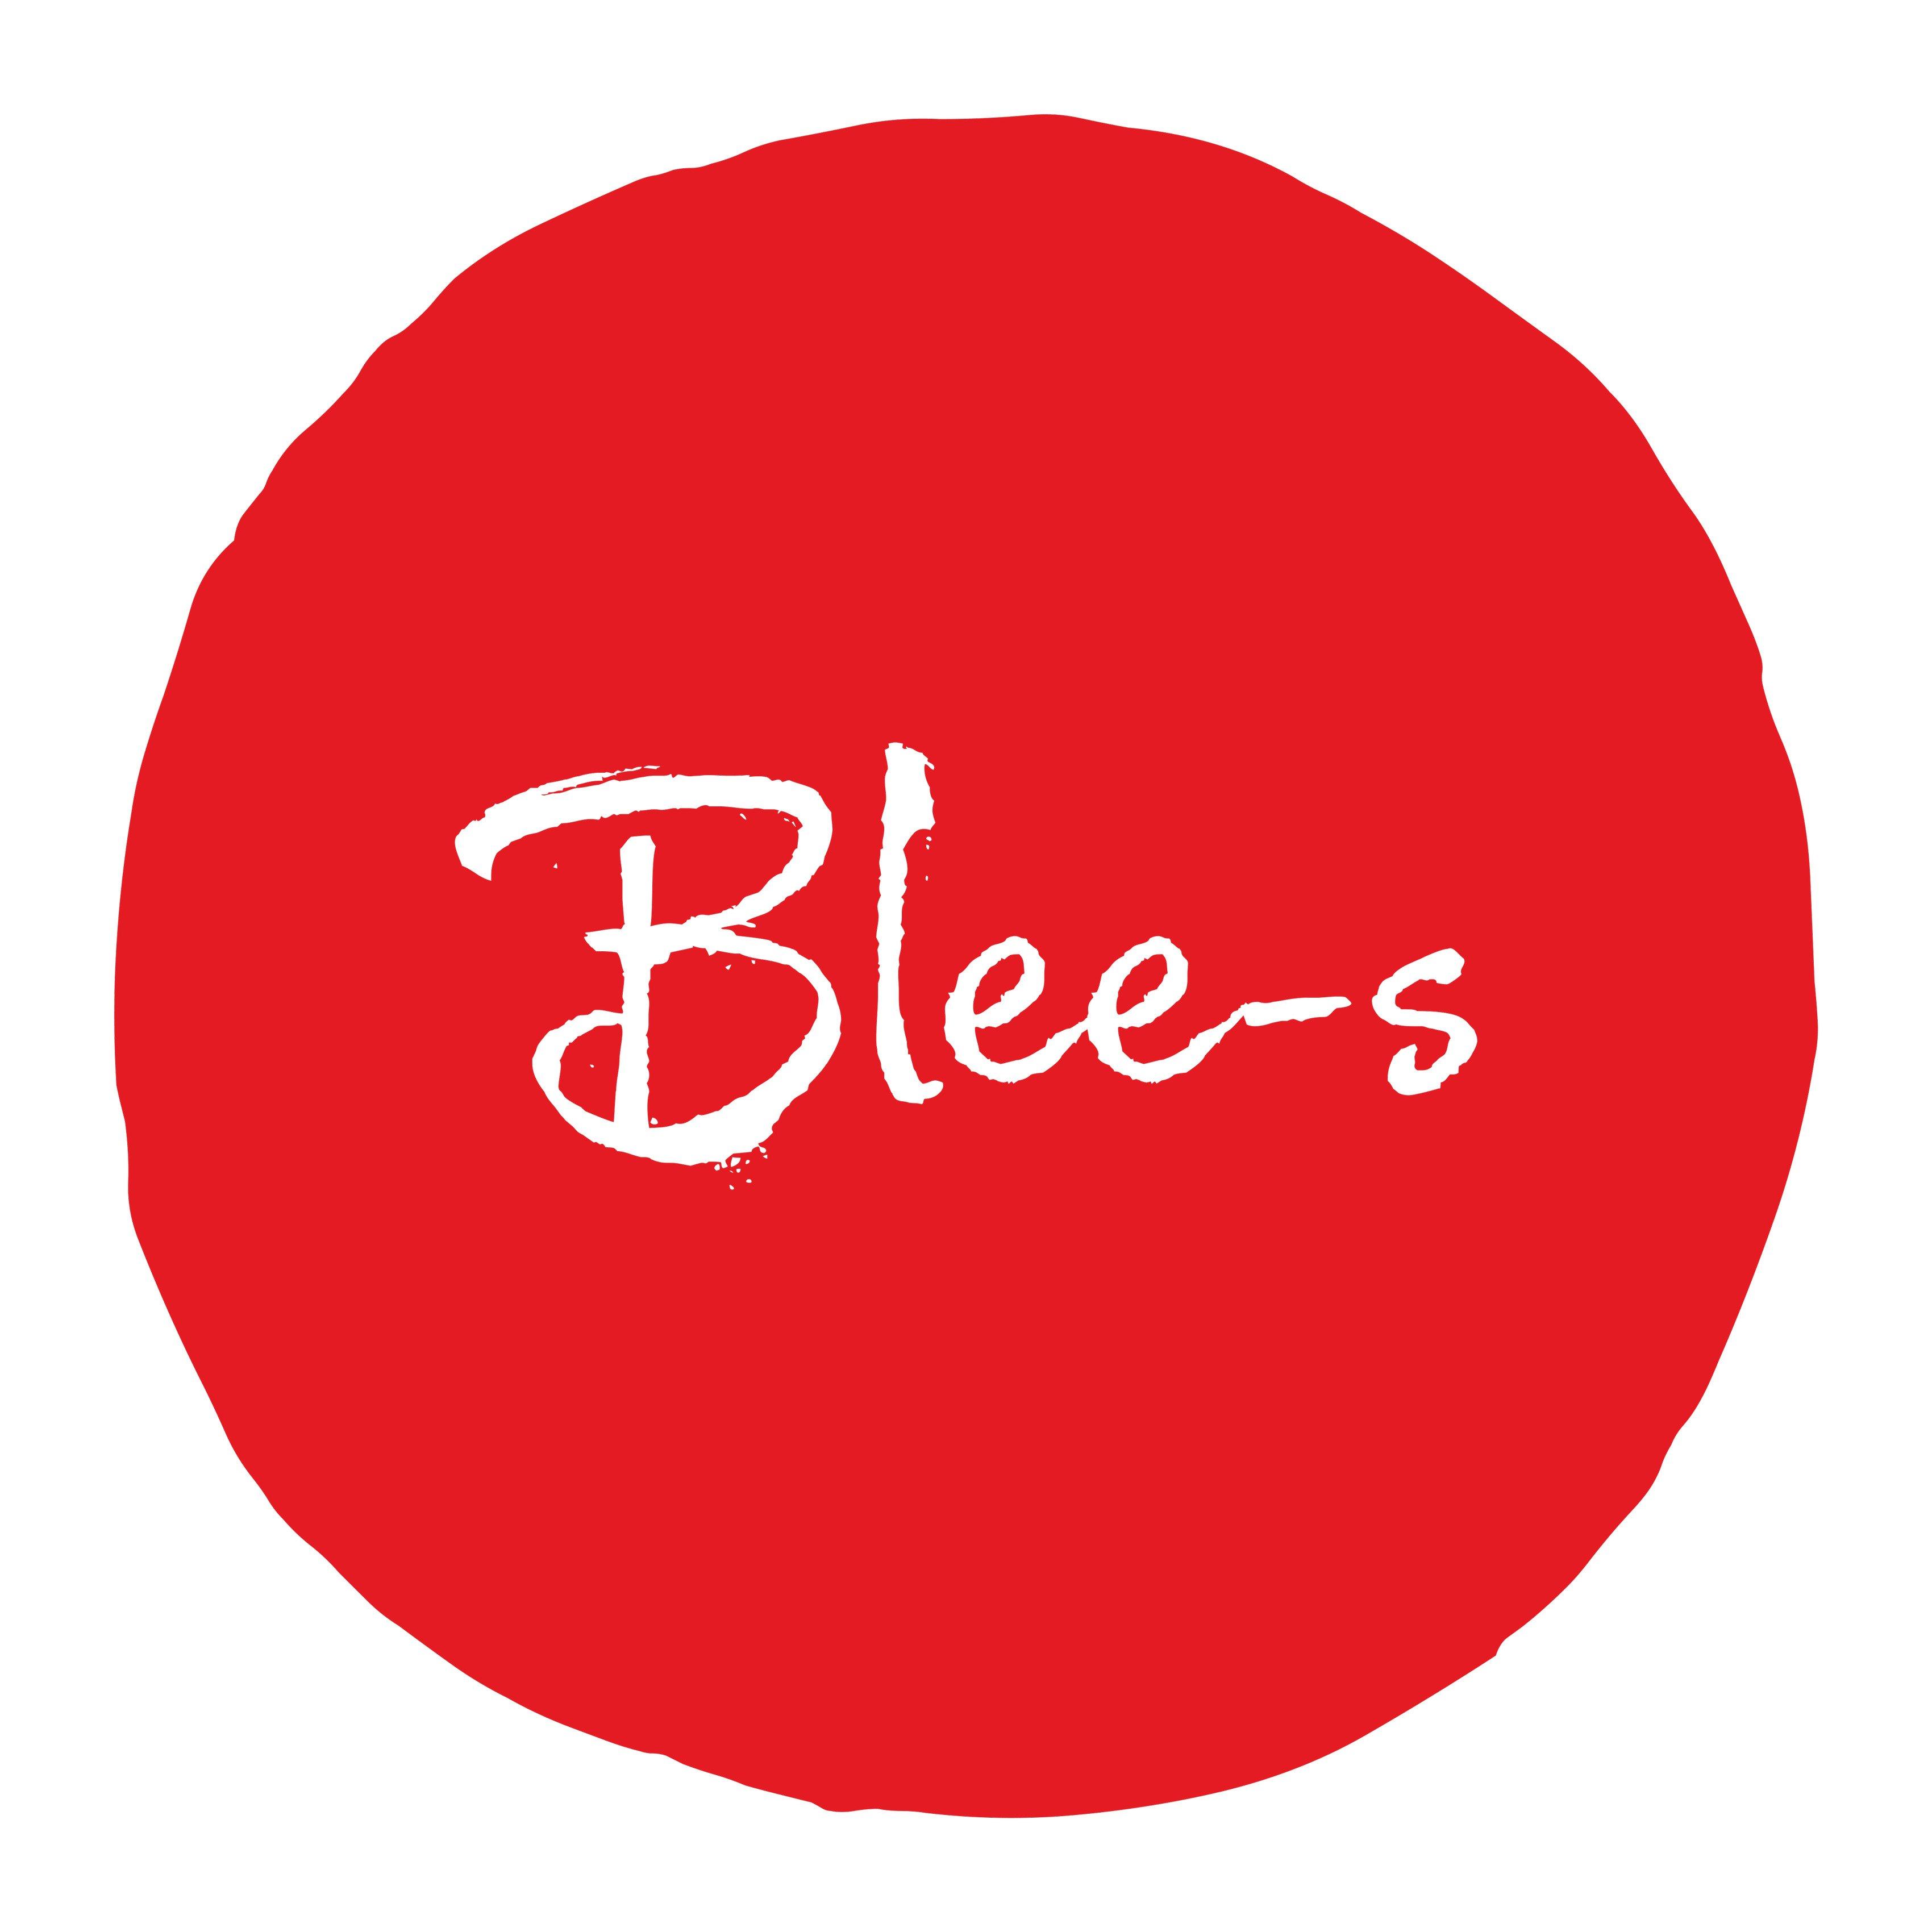 Blee-s